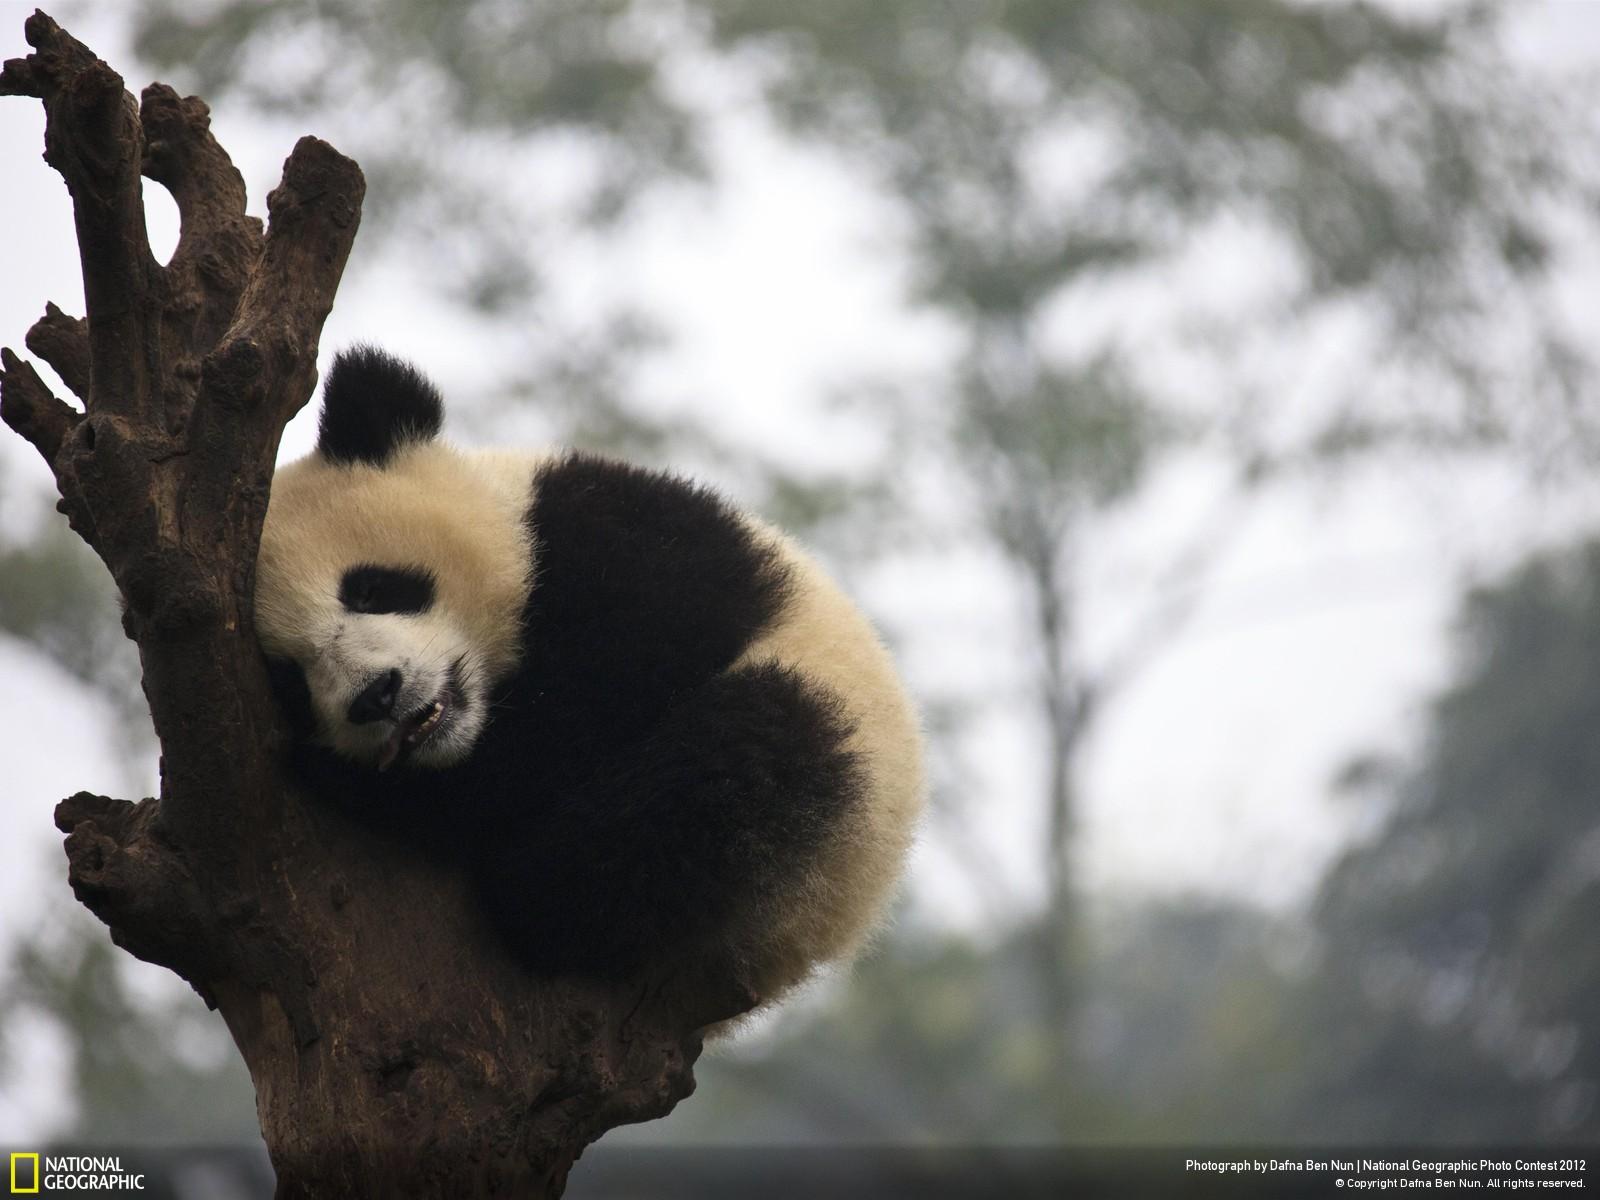 43 Лучшие фотографии за 2012 год по версии National Geographic